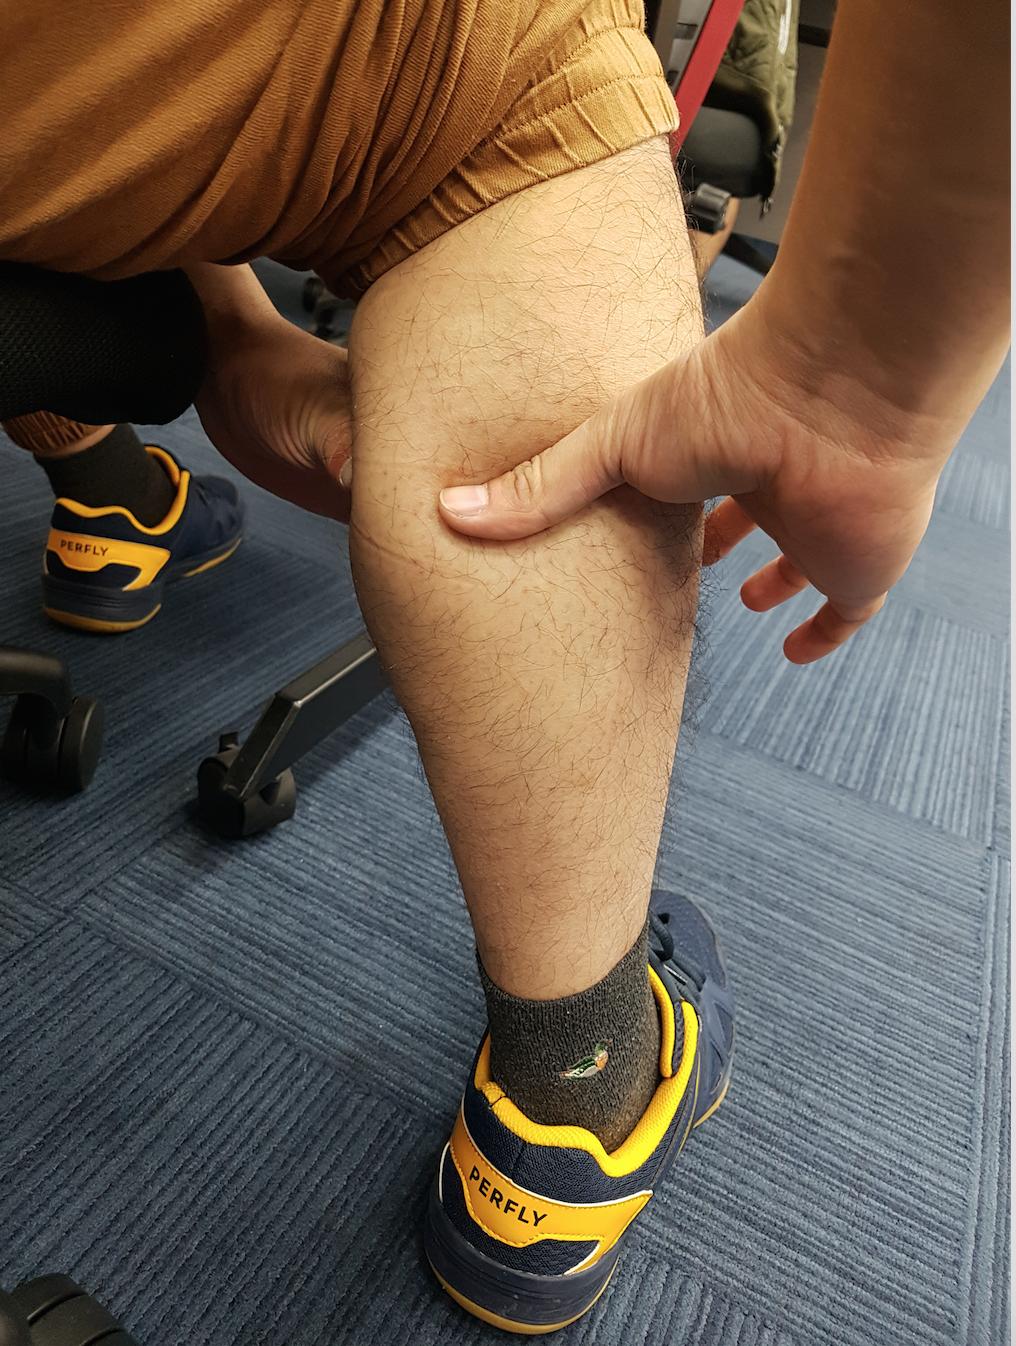 小腿圍也可用食指與姆指圈成一個圓,放在小腿最粗的地方量測。 圖/楊雅棠攝影